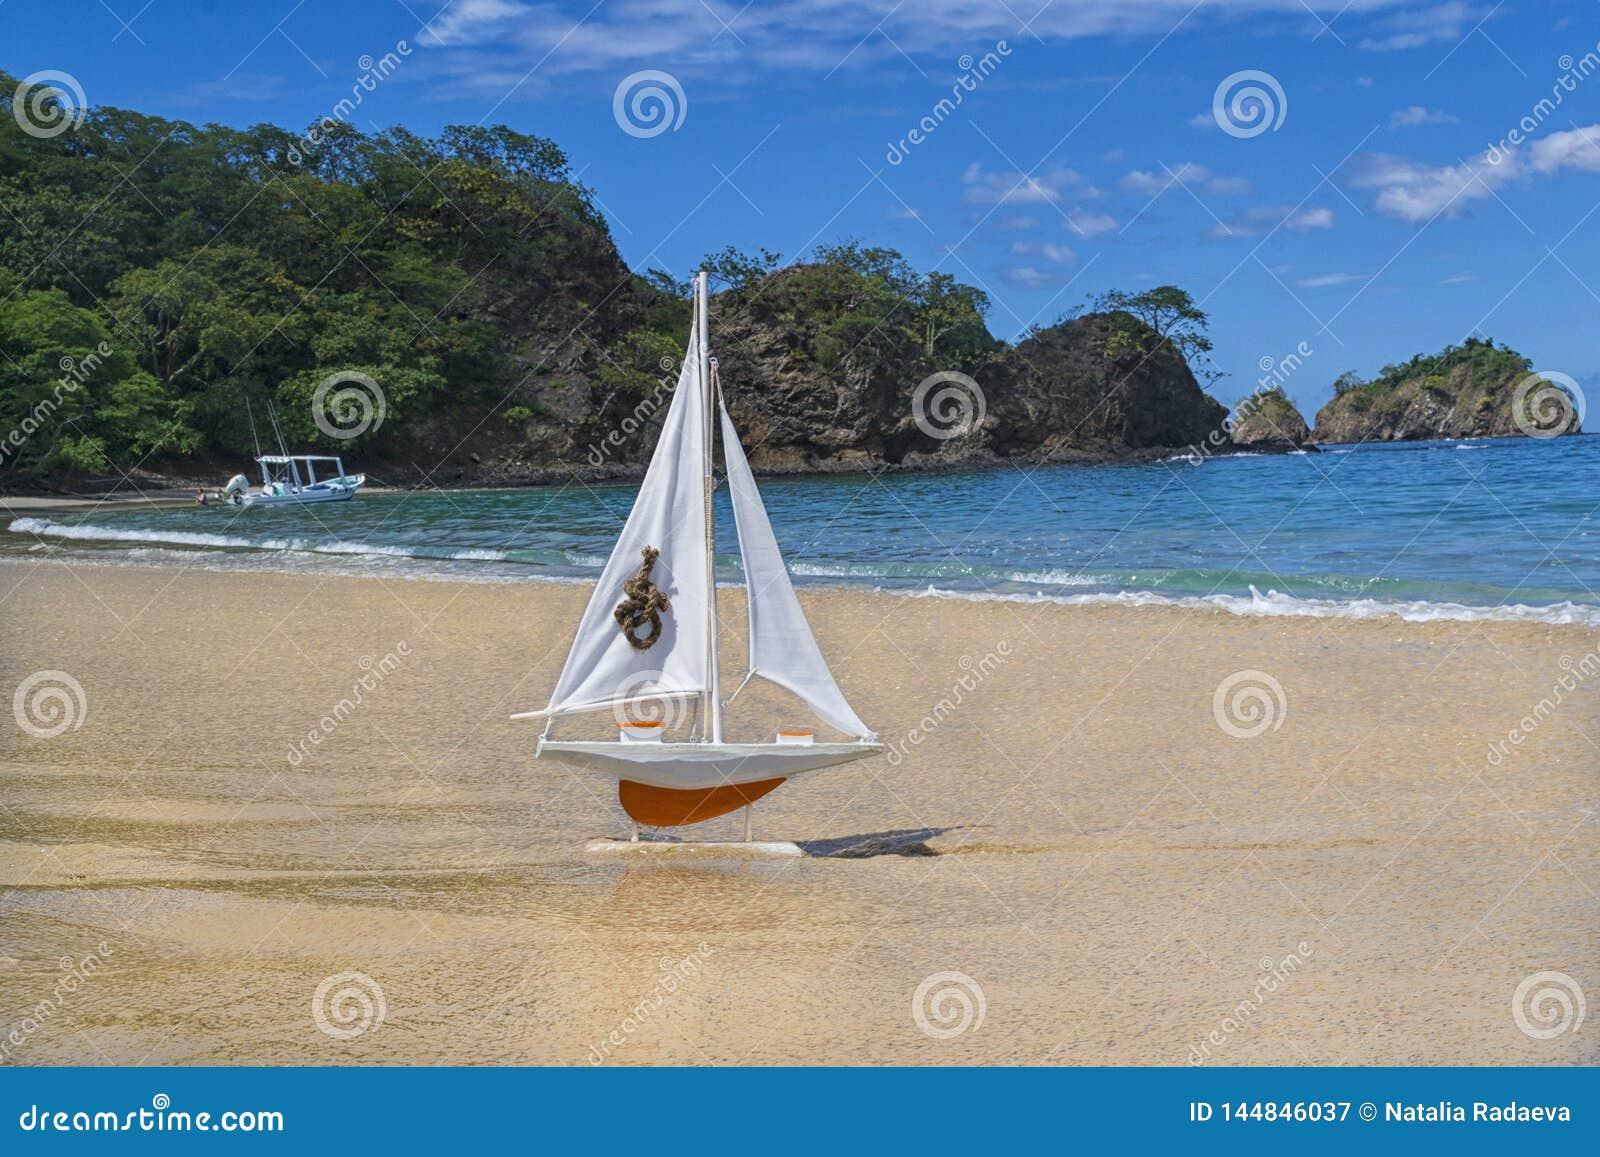 Vele arancio della nave del giocattolo per incontrare le avventure su una bella spiaggia